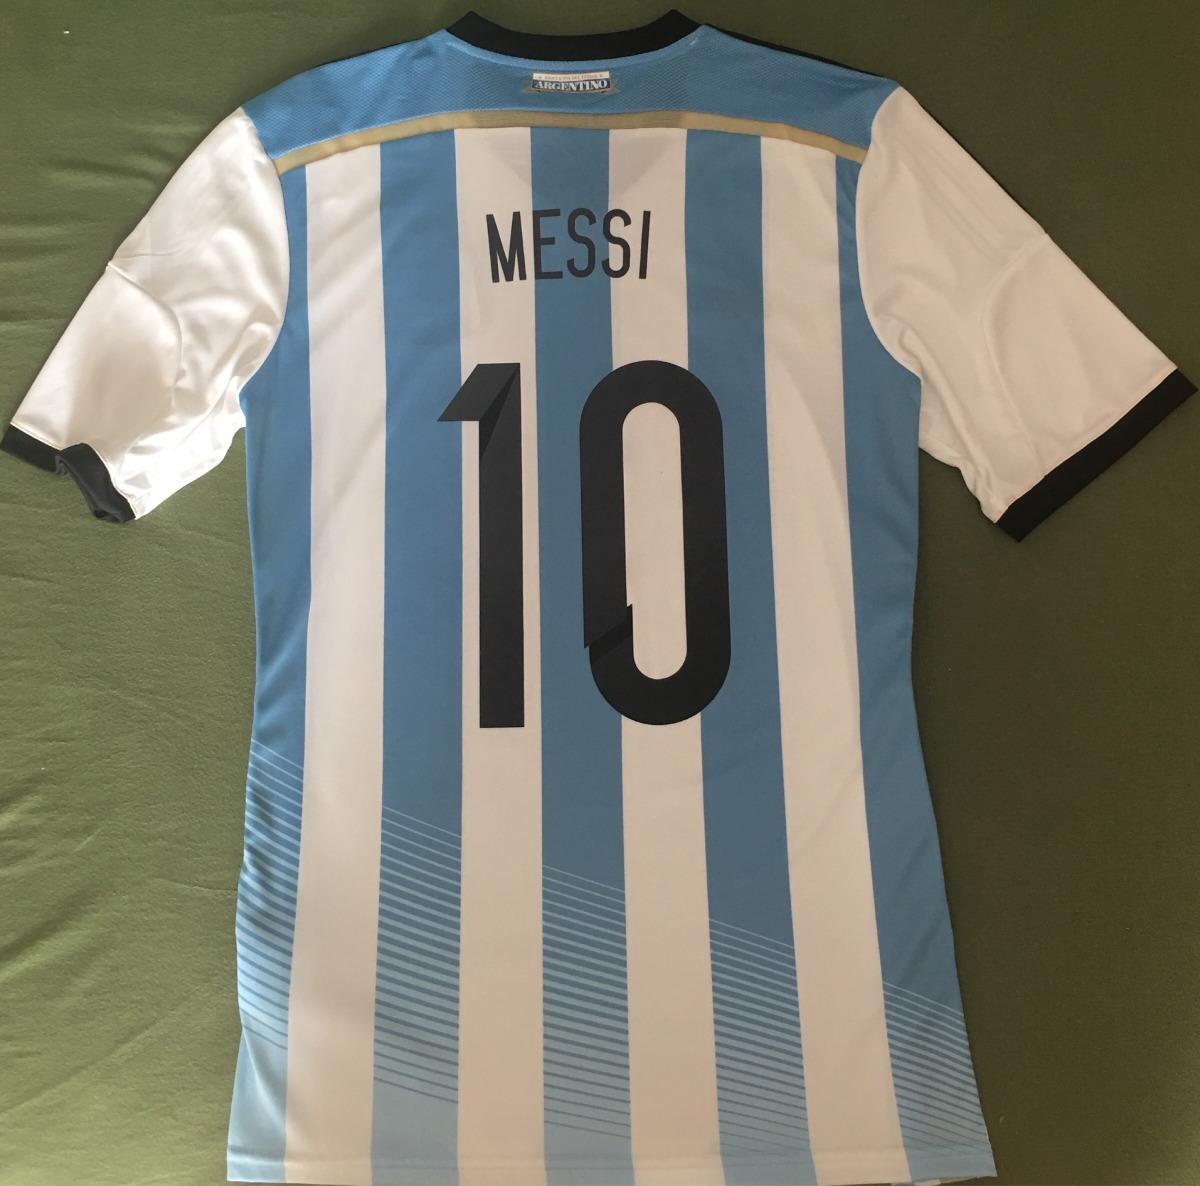 camisa argentina copa de 2014   leo messi   modelo jogador. Carregando zoom. 4b89901cb4e43